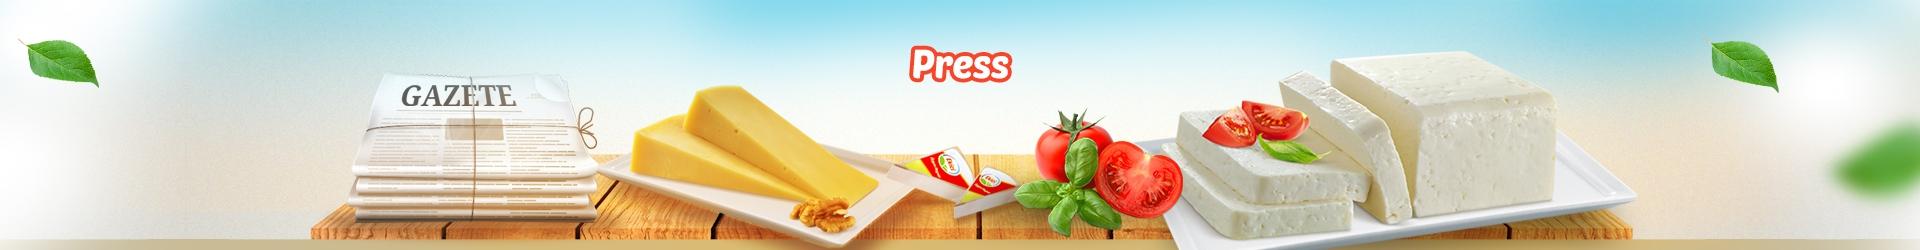 Ekici On Press